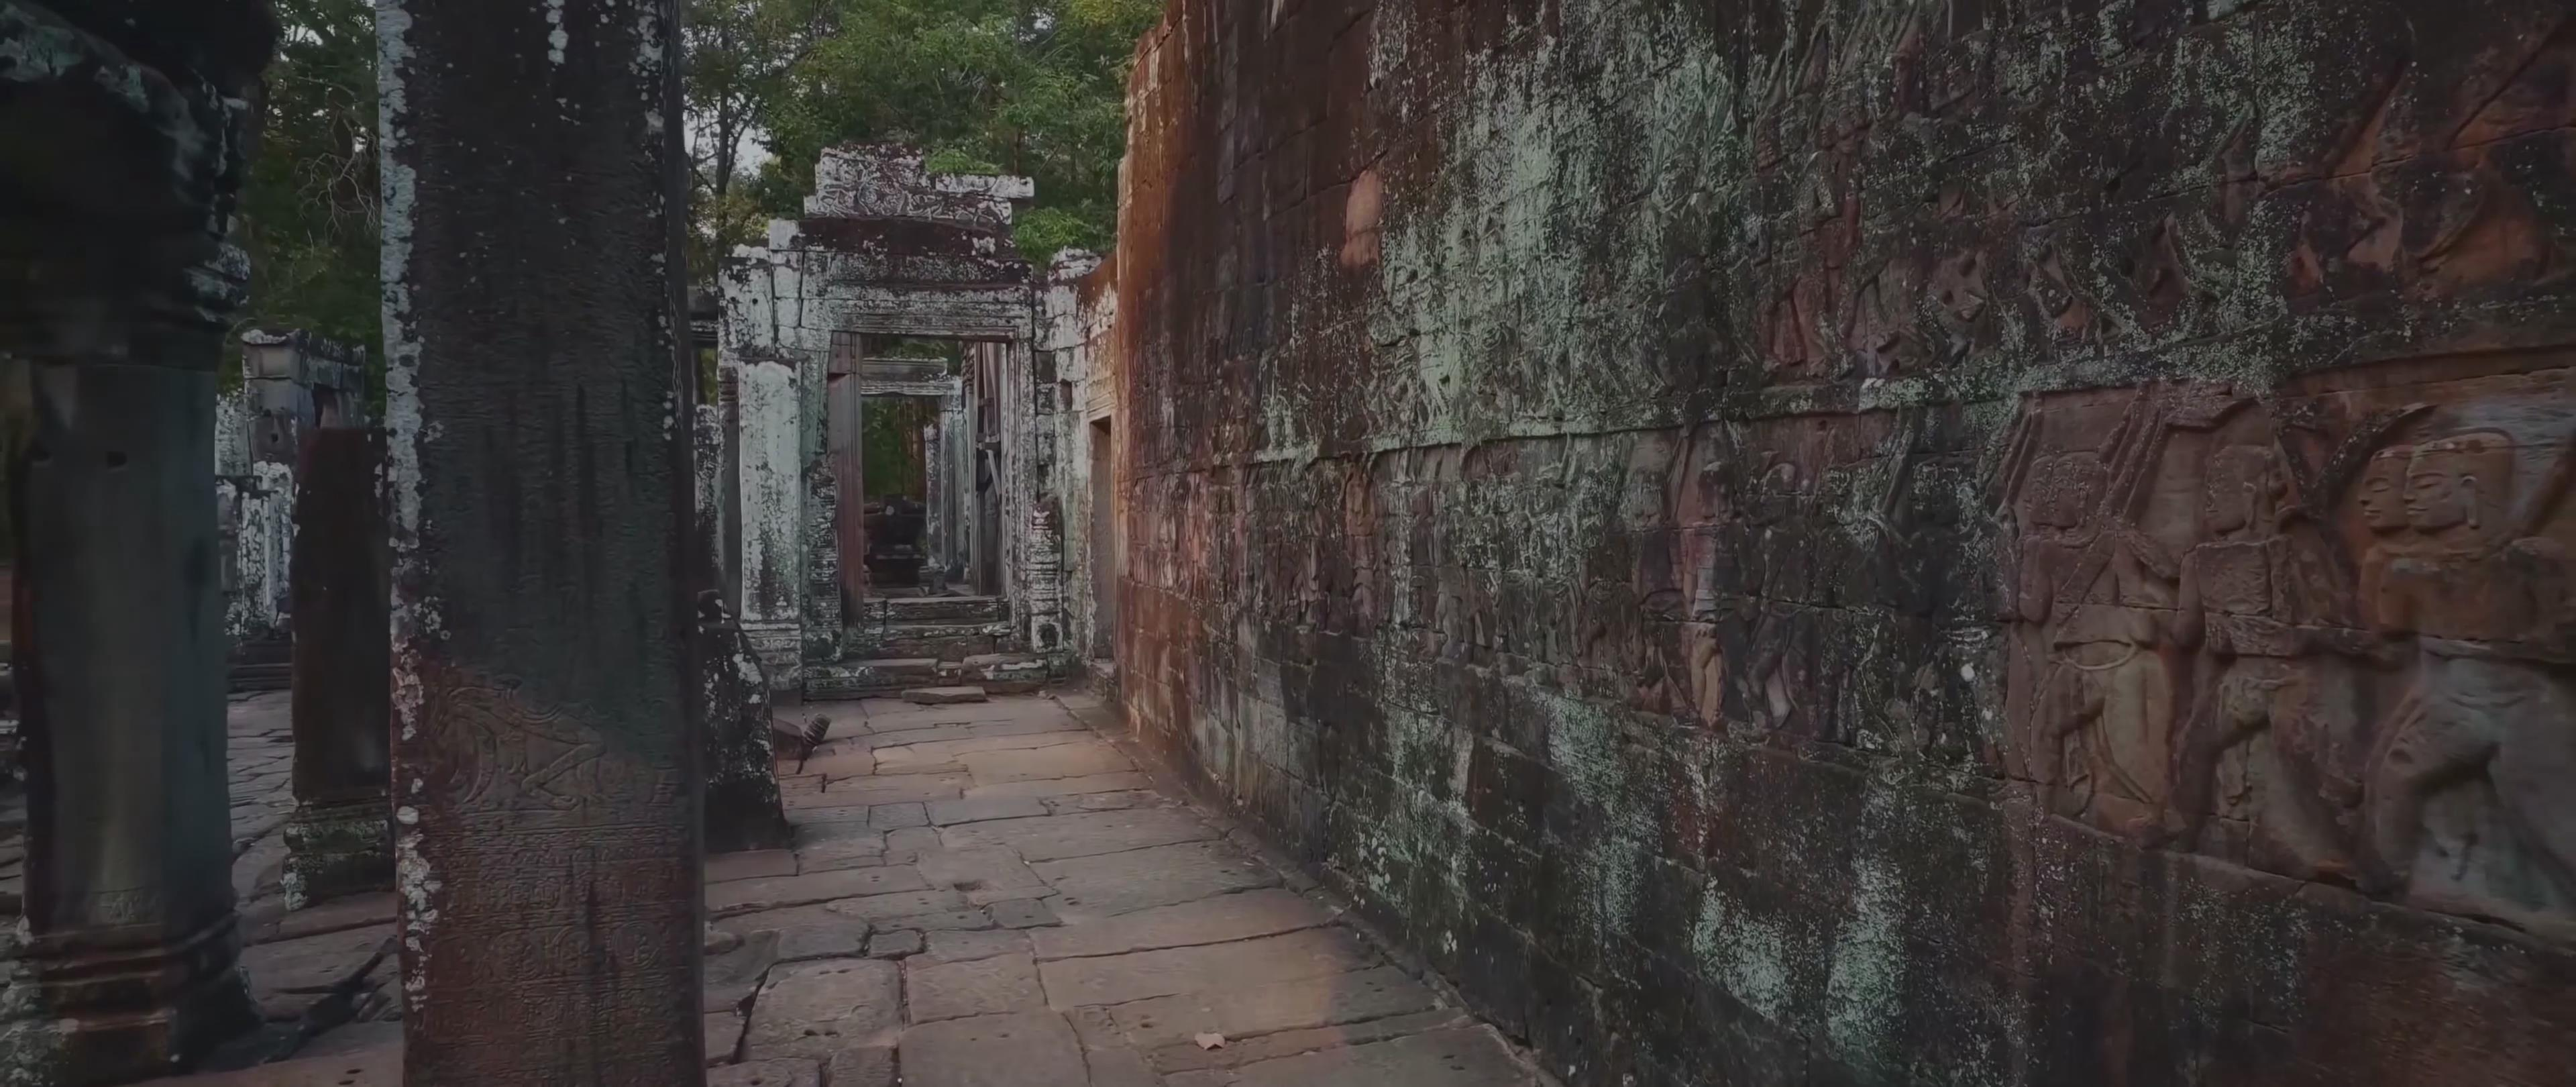 水牛 荷花 佛 雕像 雕塑 浮雕 鳄鱼 船 河流 猴子 瀑布 僧人 和尚 寺庙 泰国 神庙 延时 4k